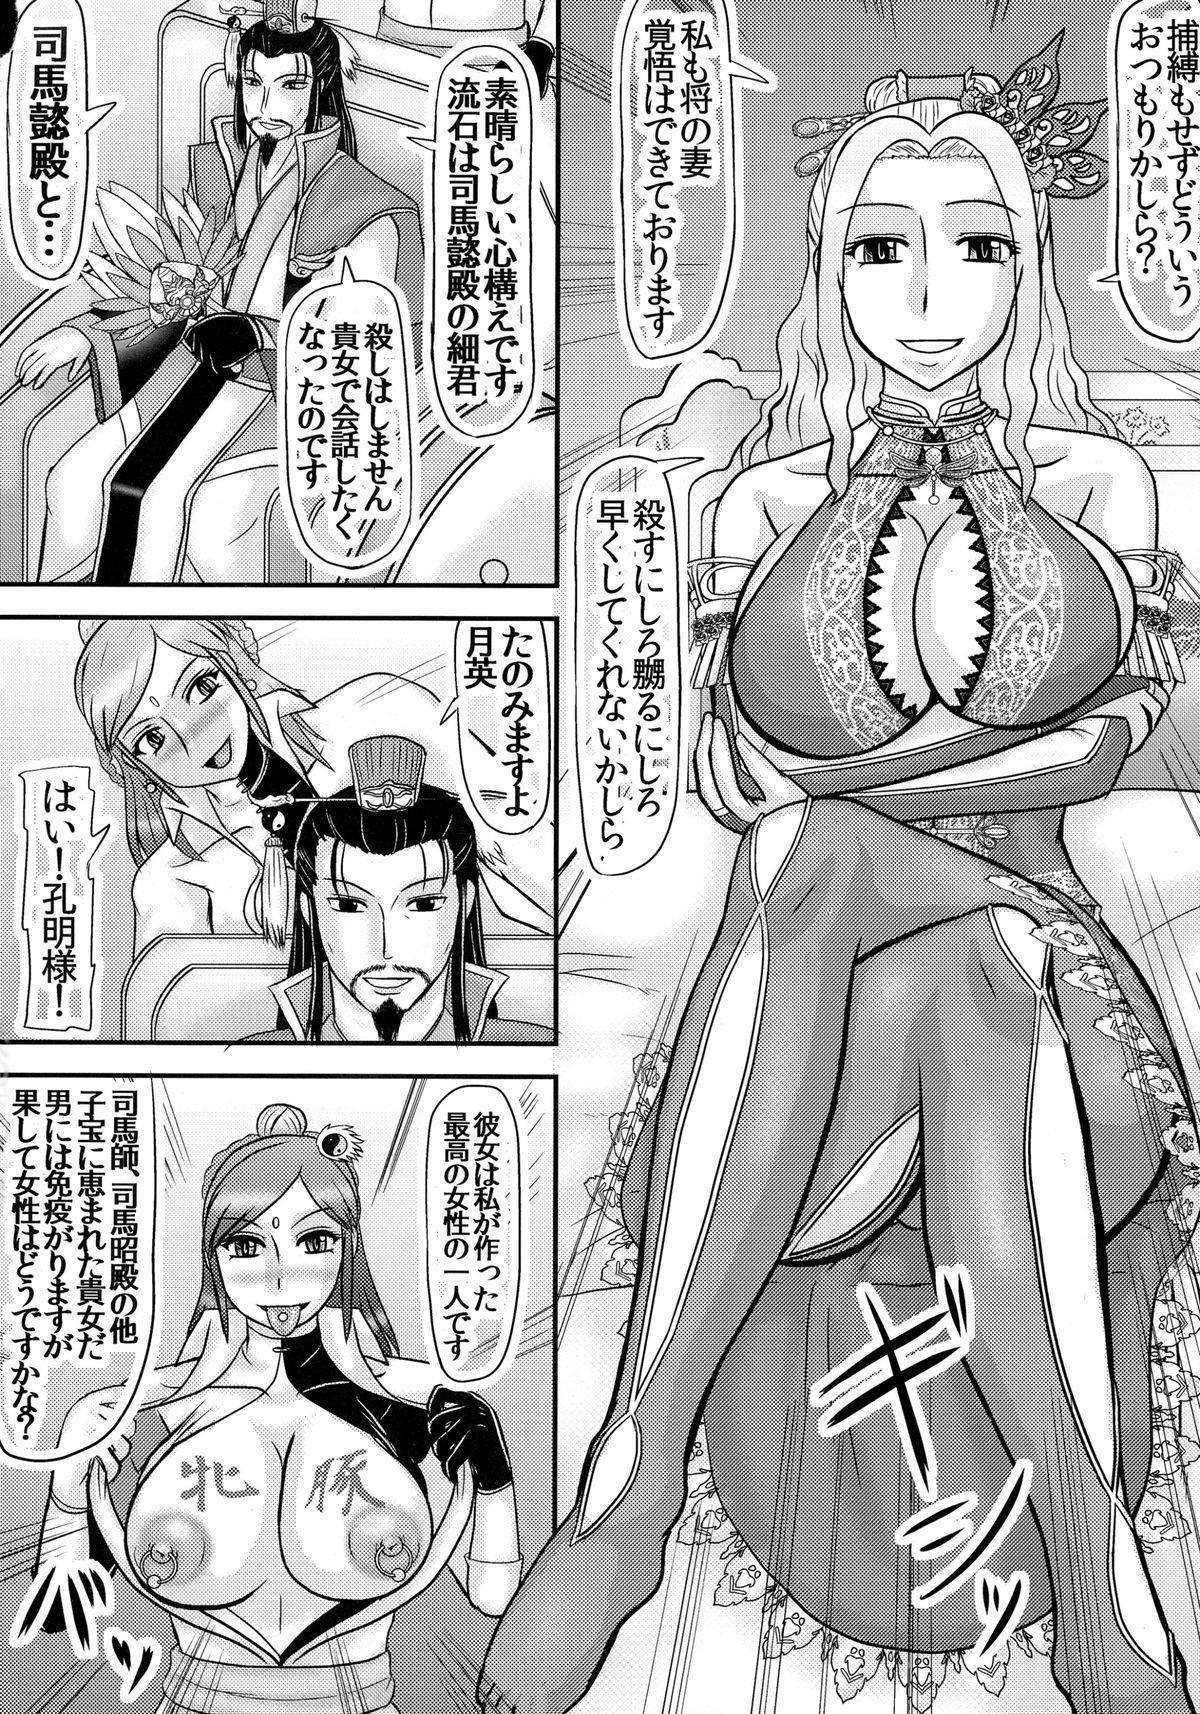 Shukuteki no ko wo Haramu Aisai 3